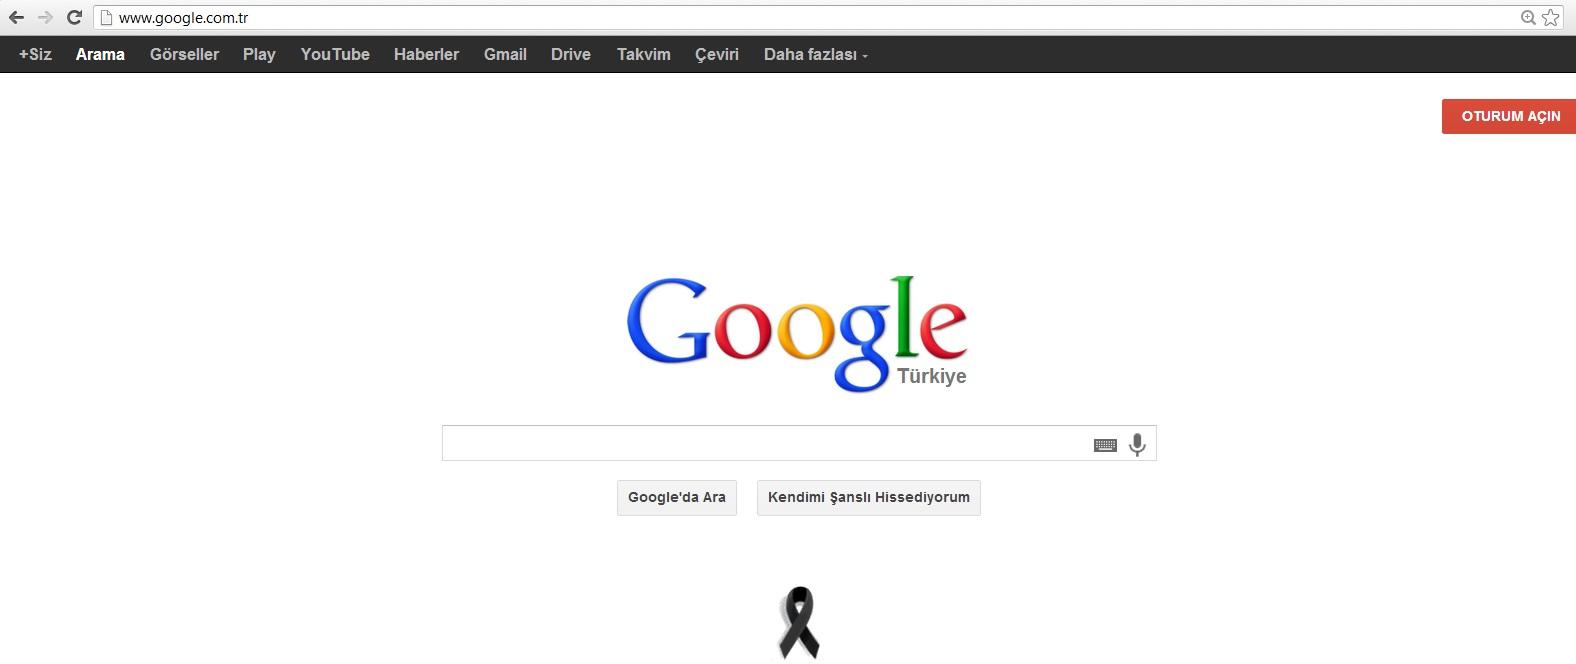 google alatna traka